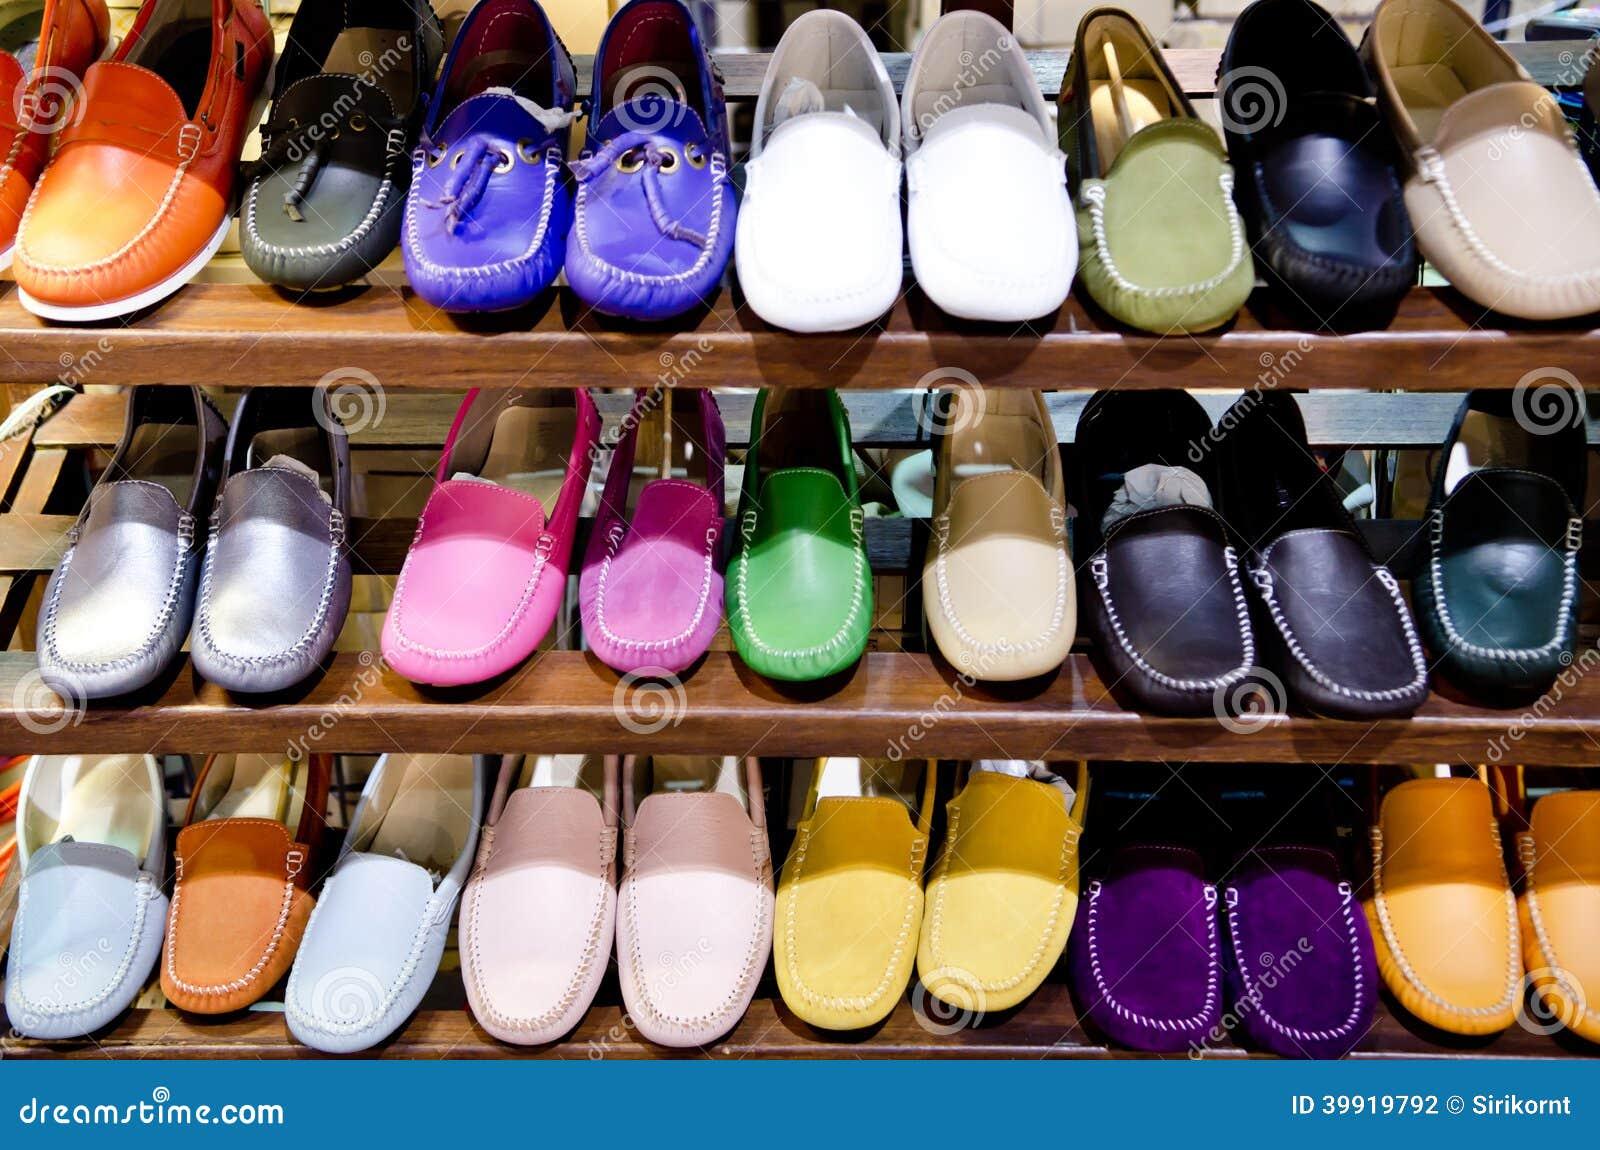 Du Image En Cuir Dans Colorées Boutique Stock La Chaussures Photo rtQCsdxh